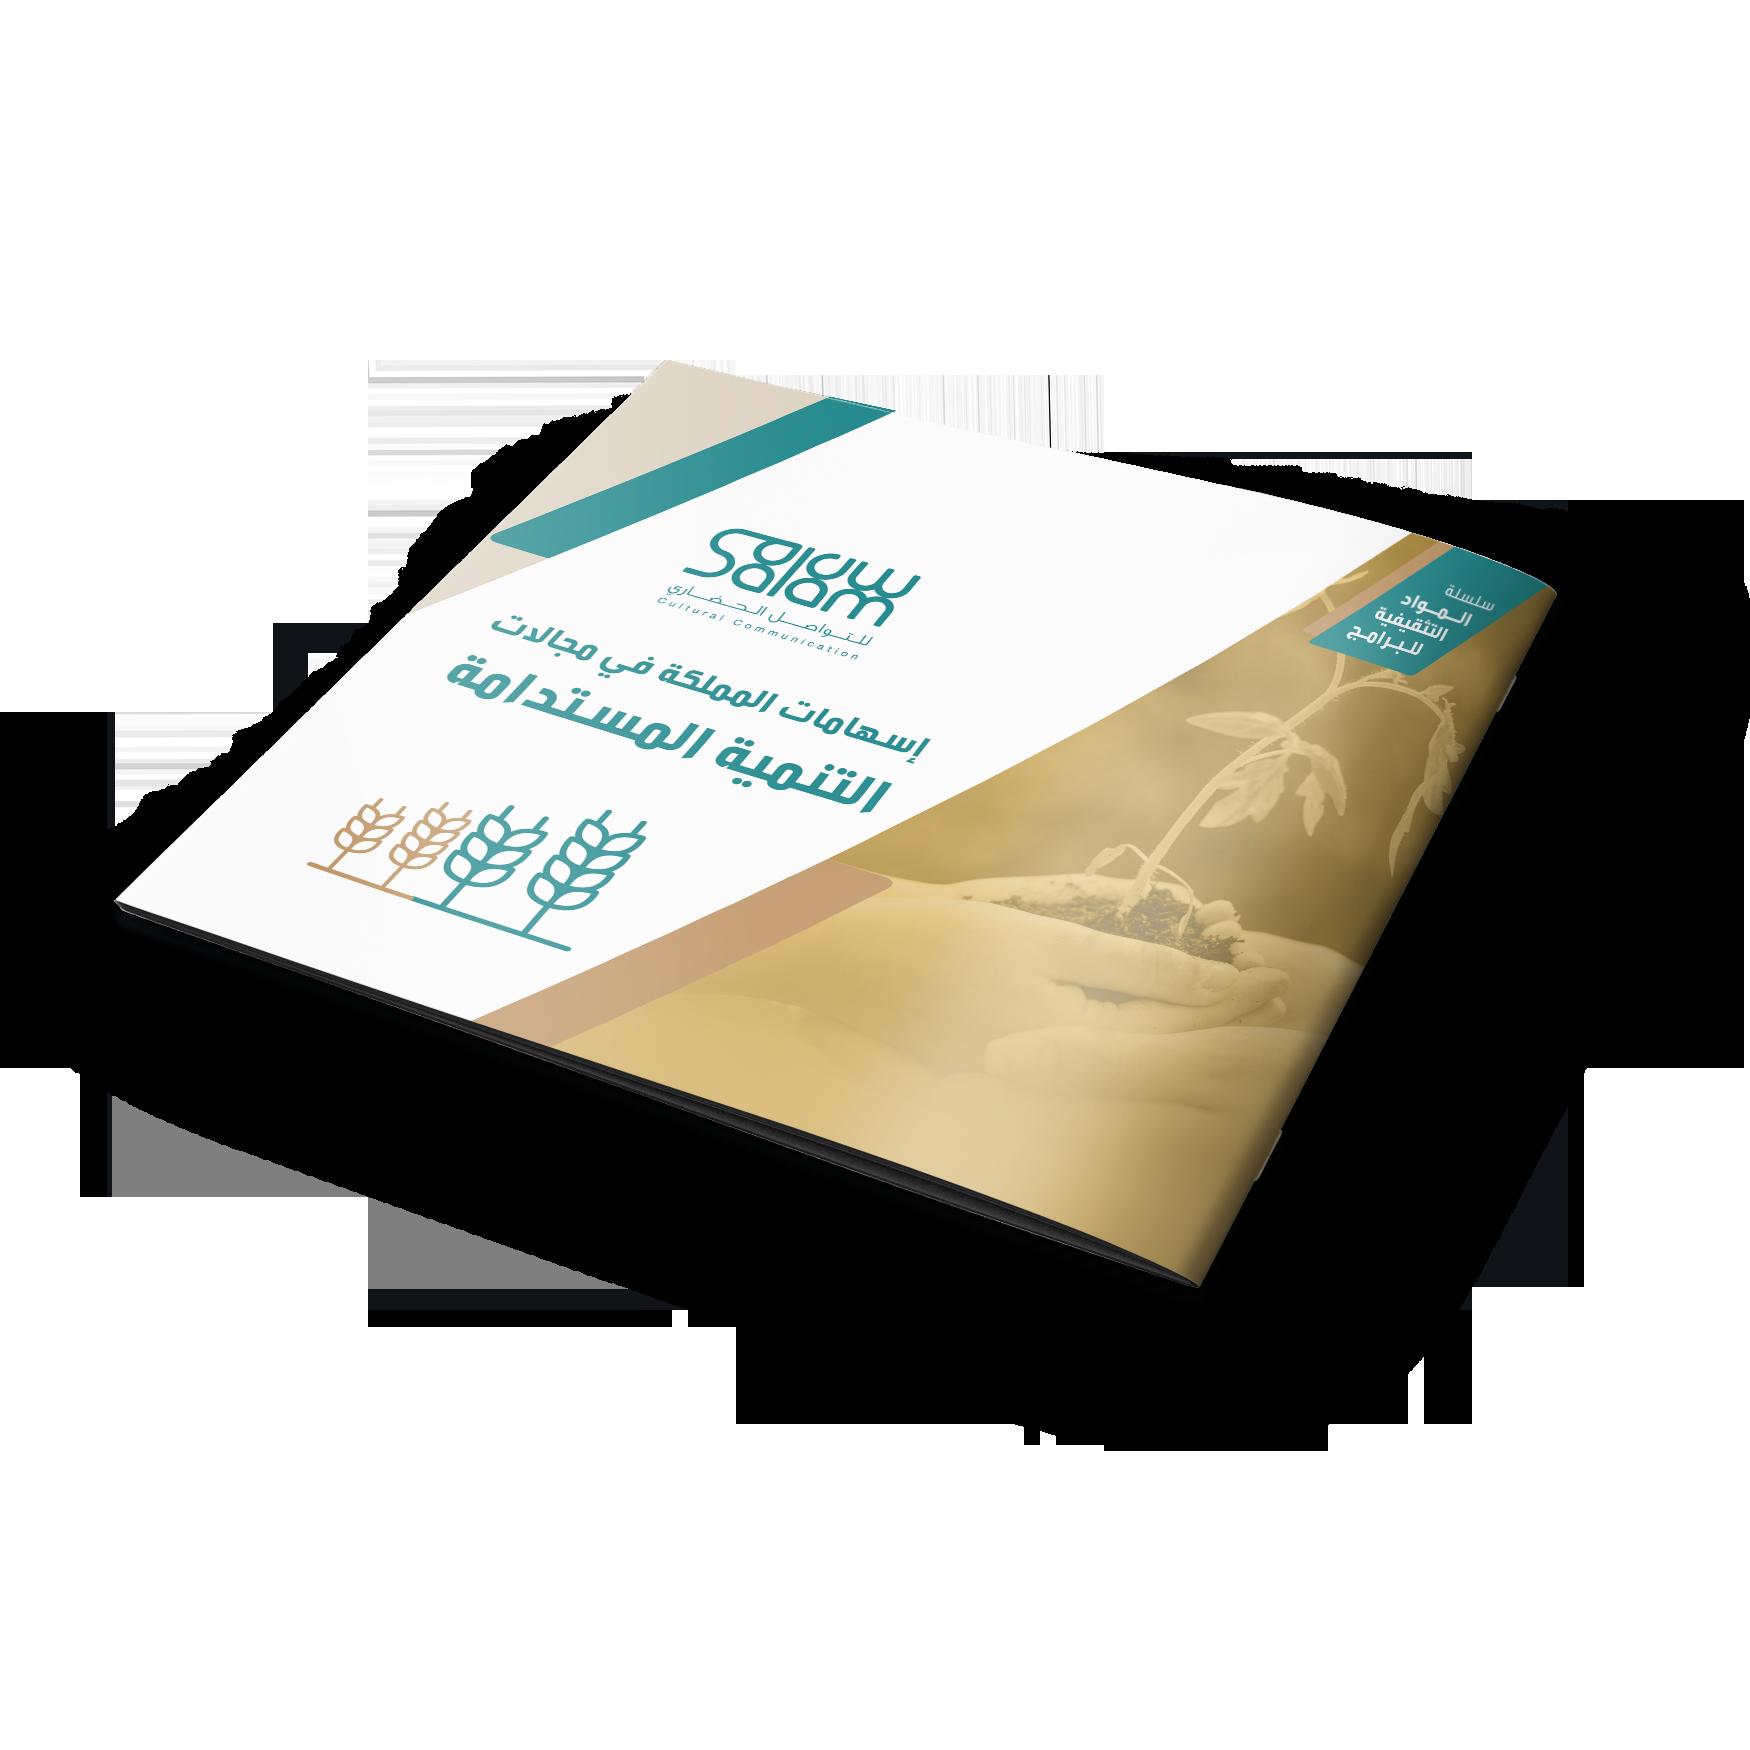 إسهامات المملكة العربية السعودية في مجالات التنمية المستدامة